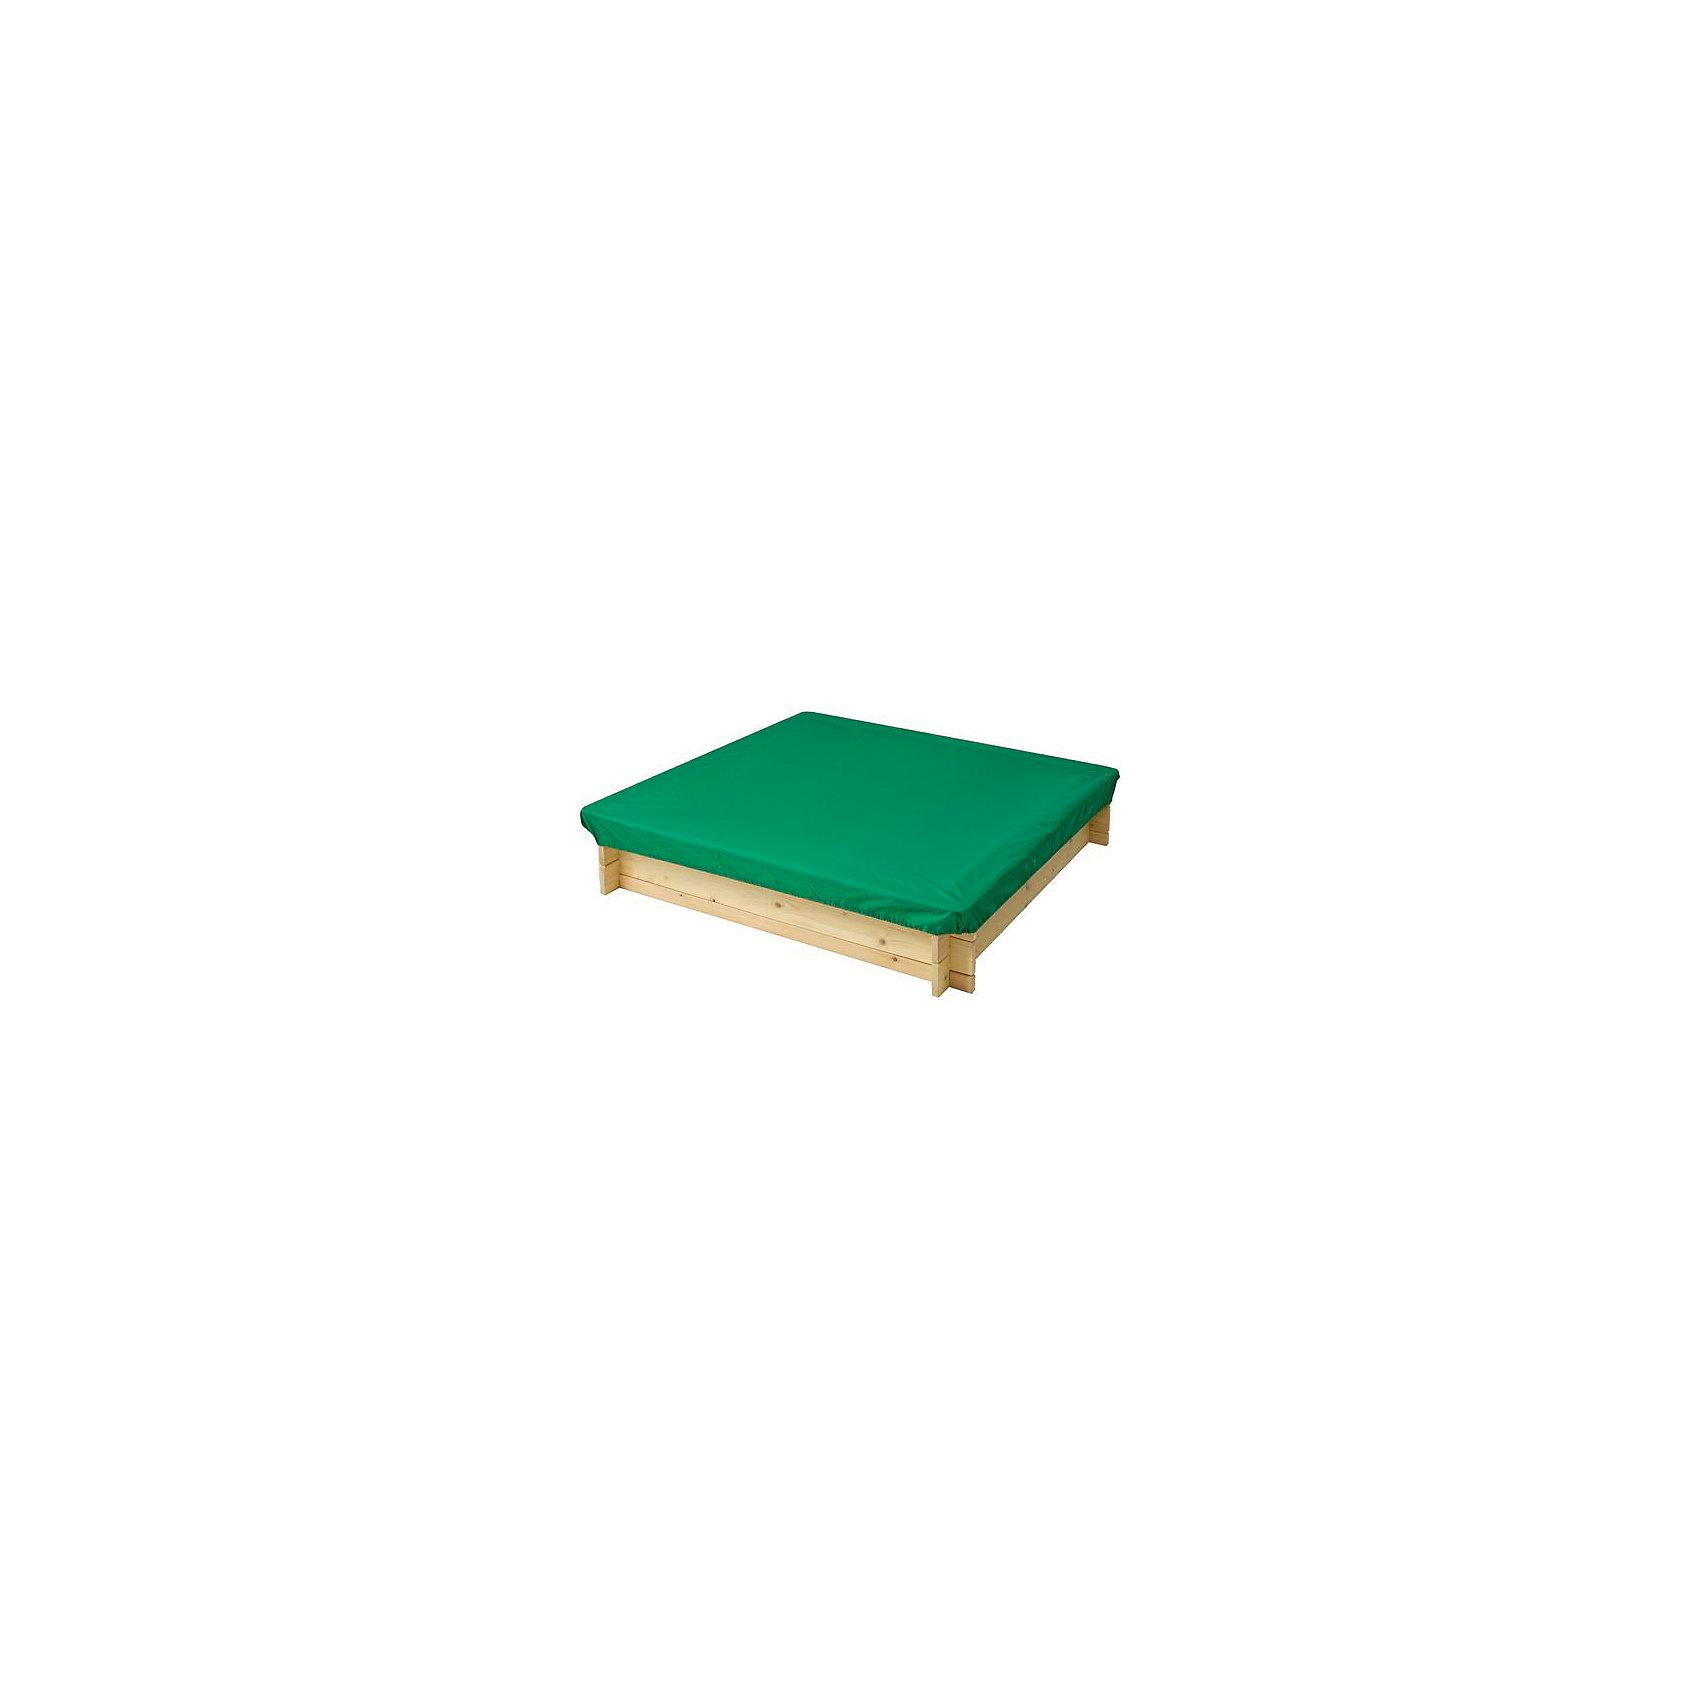 Защитный чехол для песочниц, зеленый, PAREMO